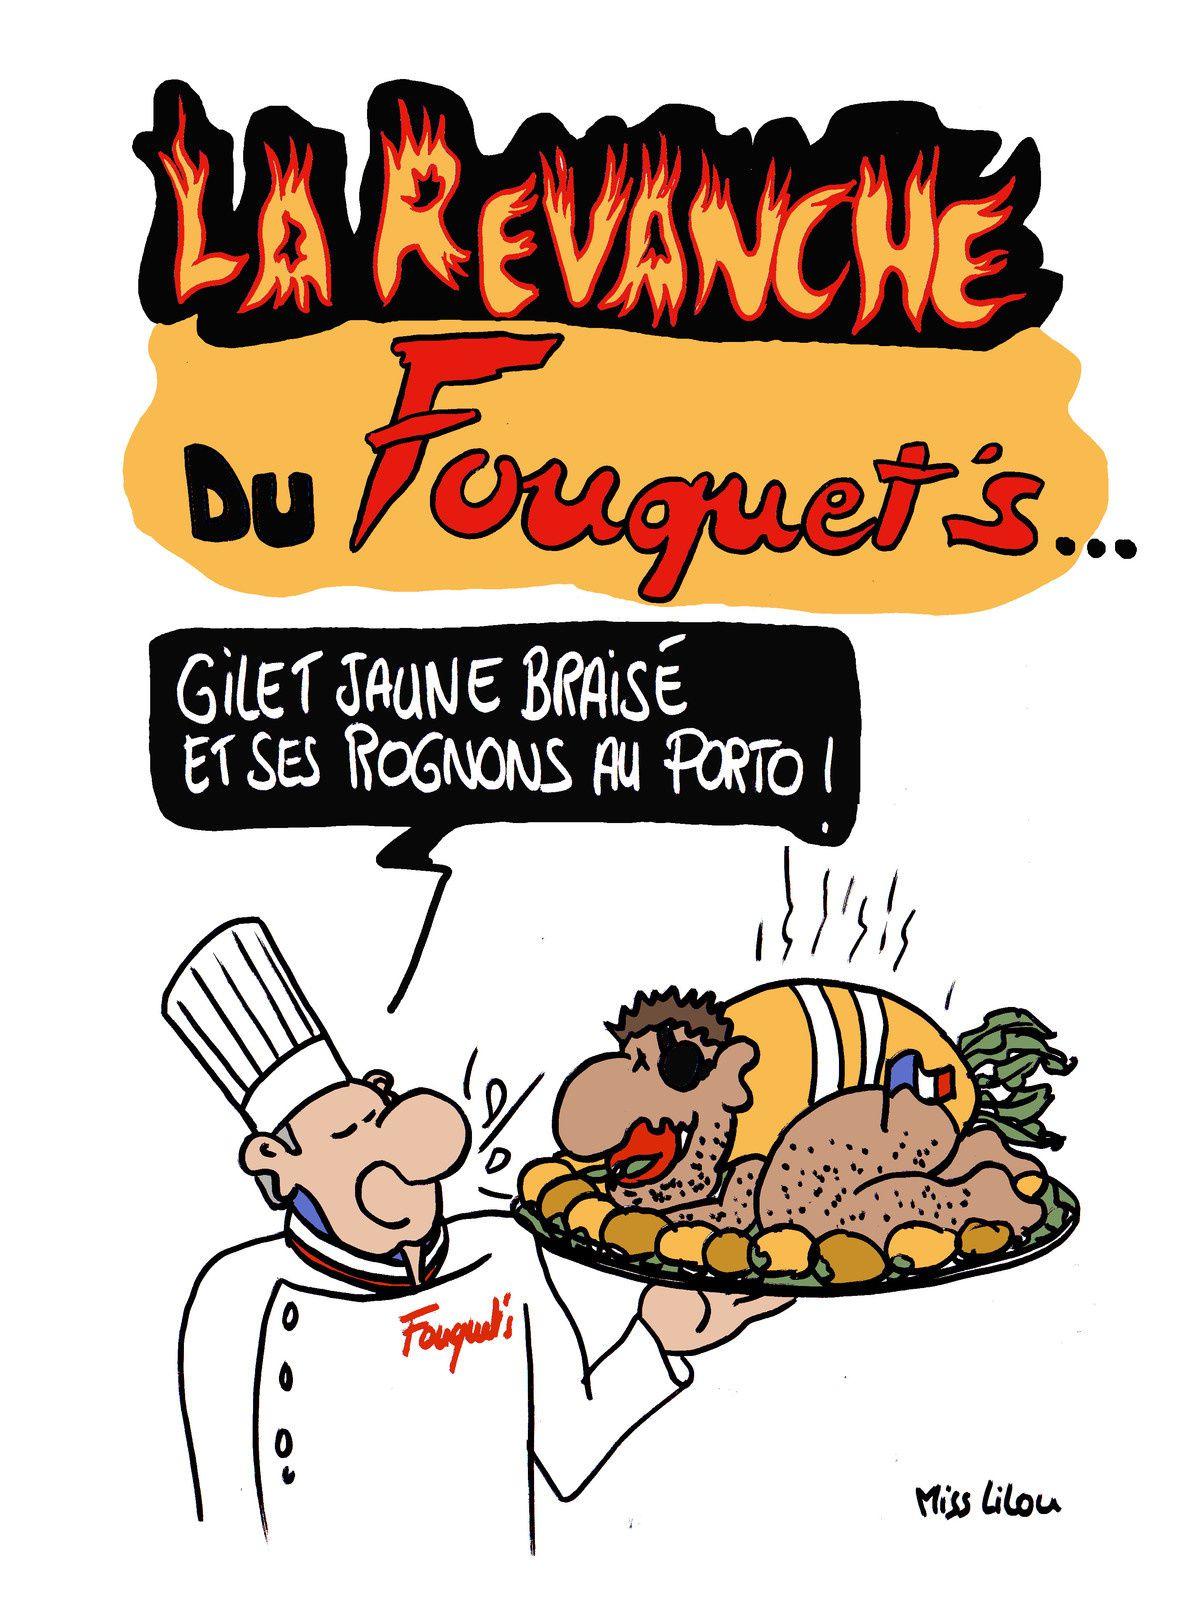 La revanche du Fouquet's ...